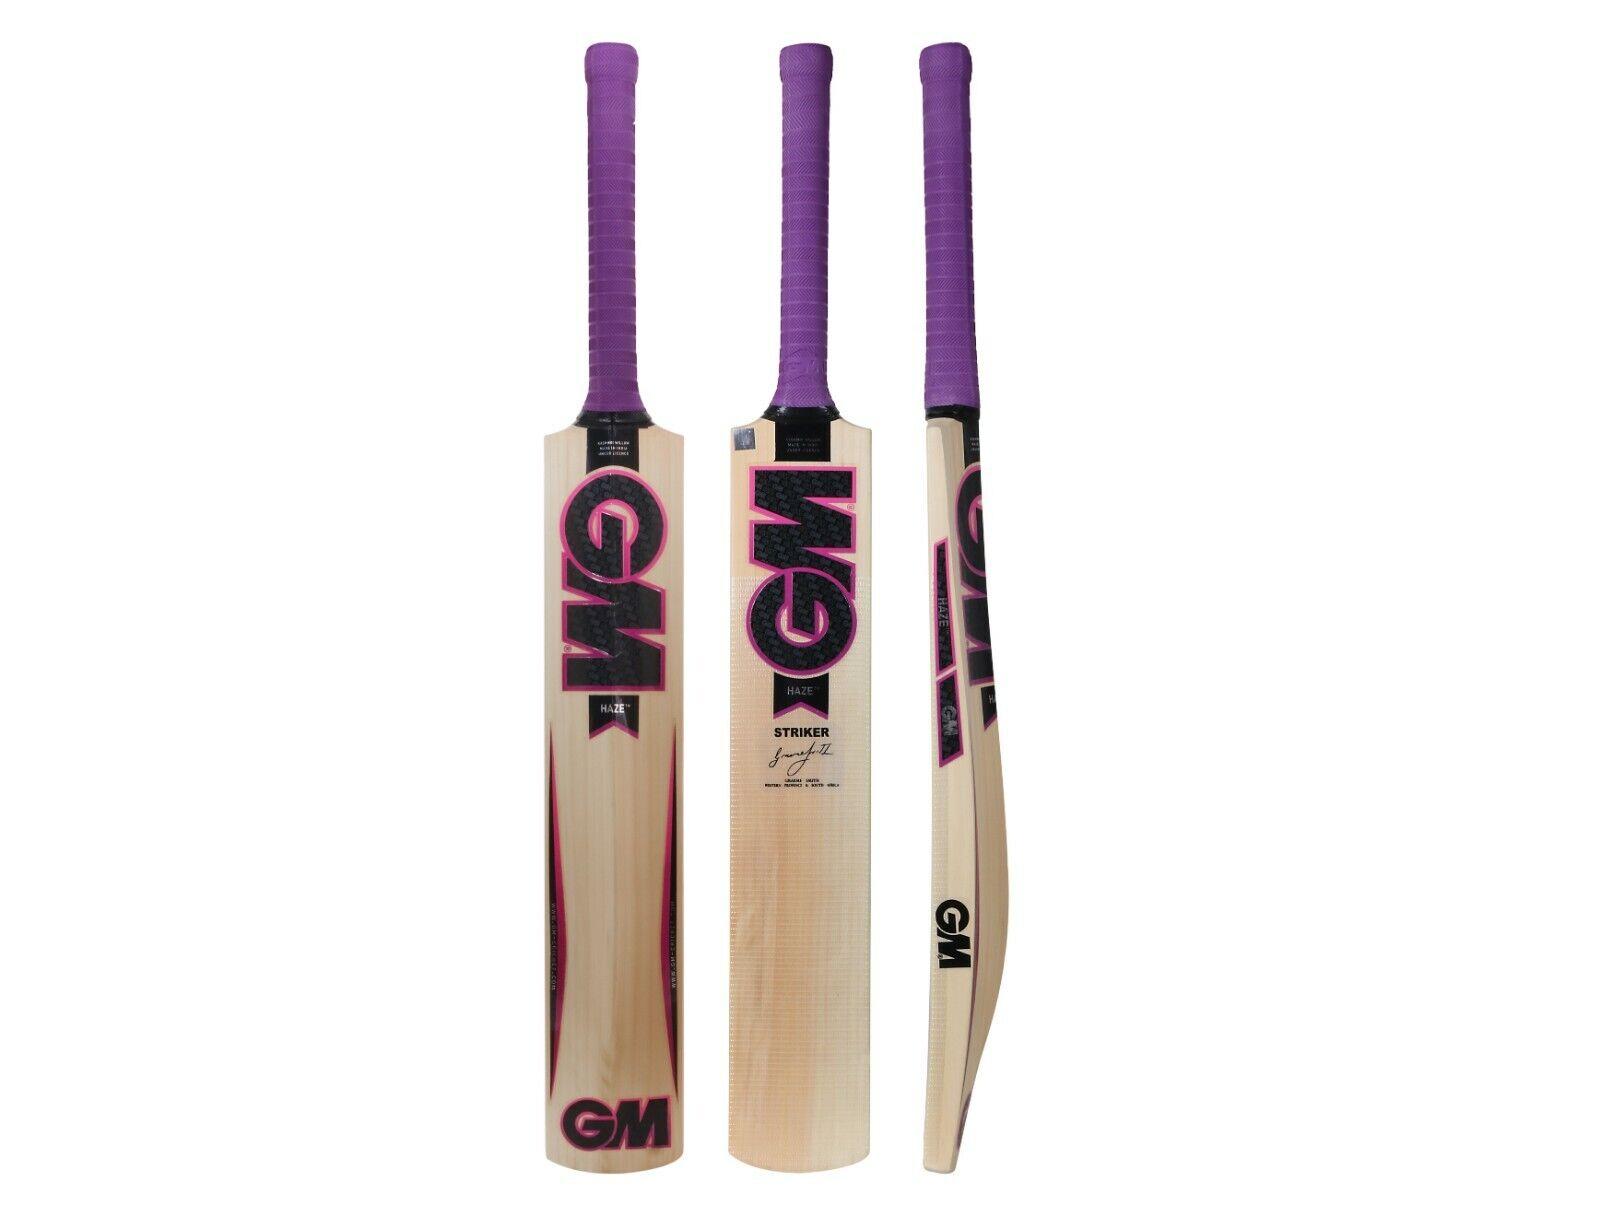 GM Cricket Noir DXM 606 Cricket Bat SH Black